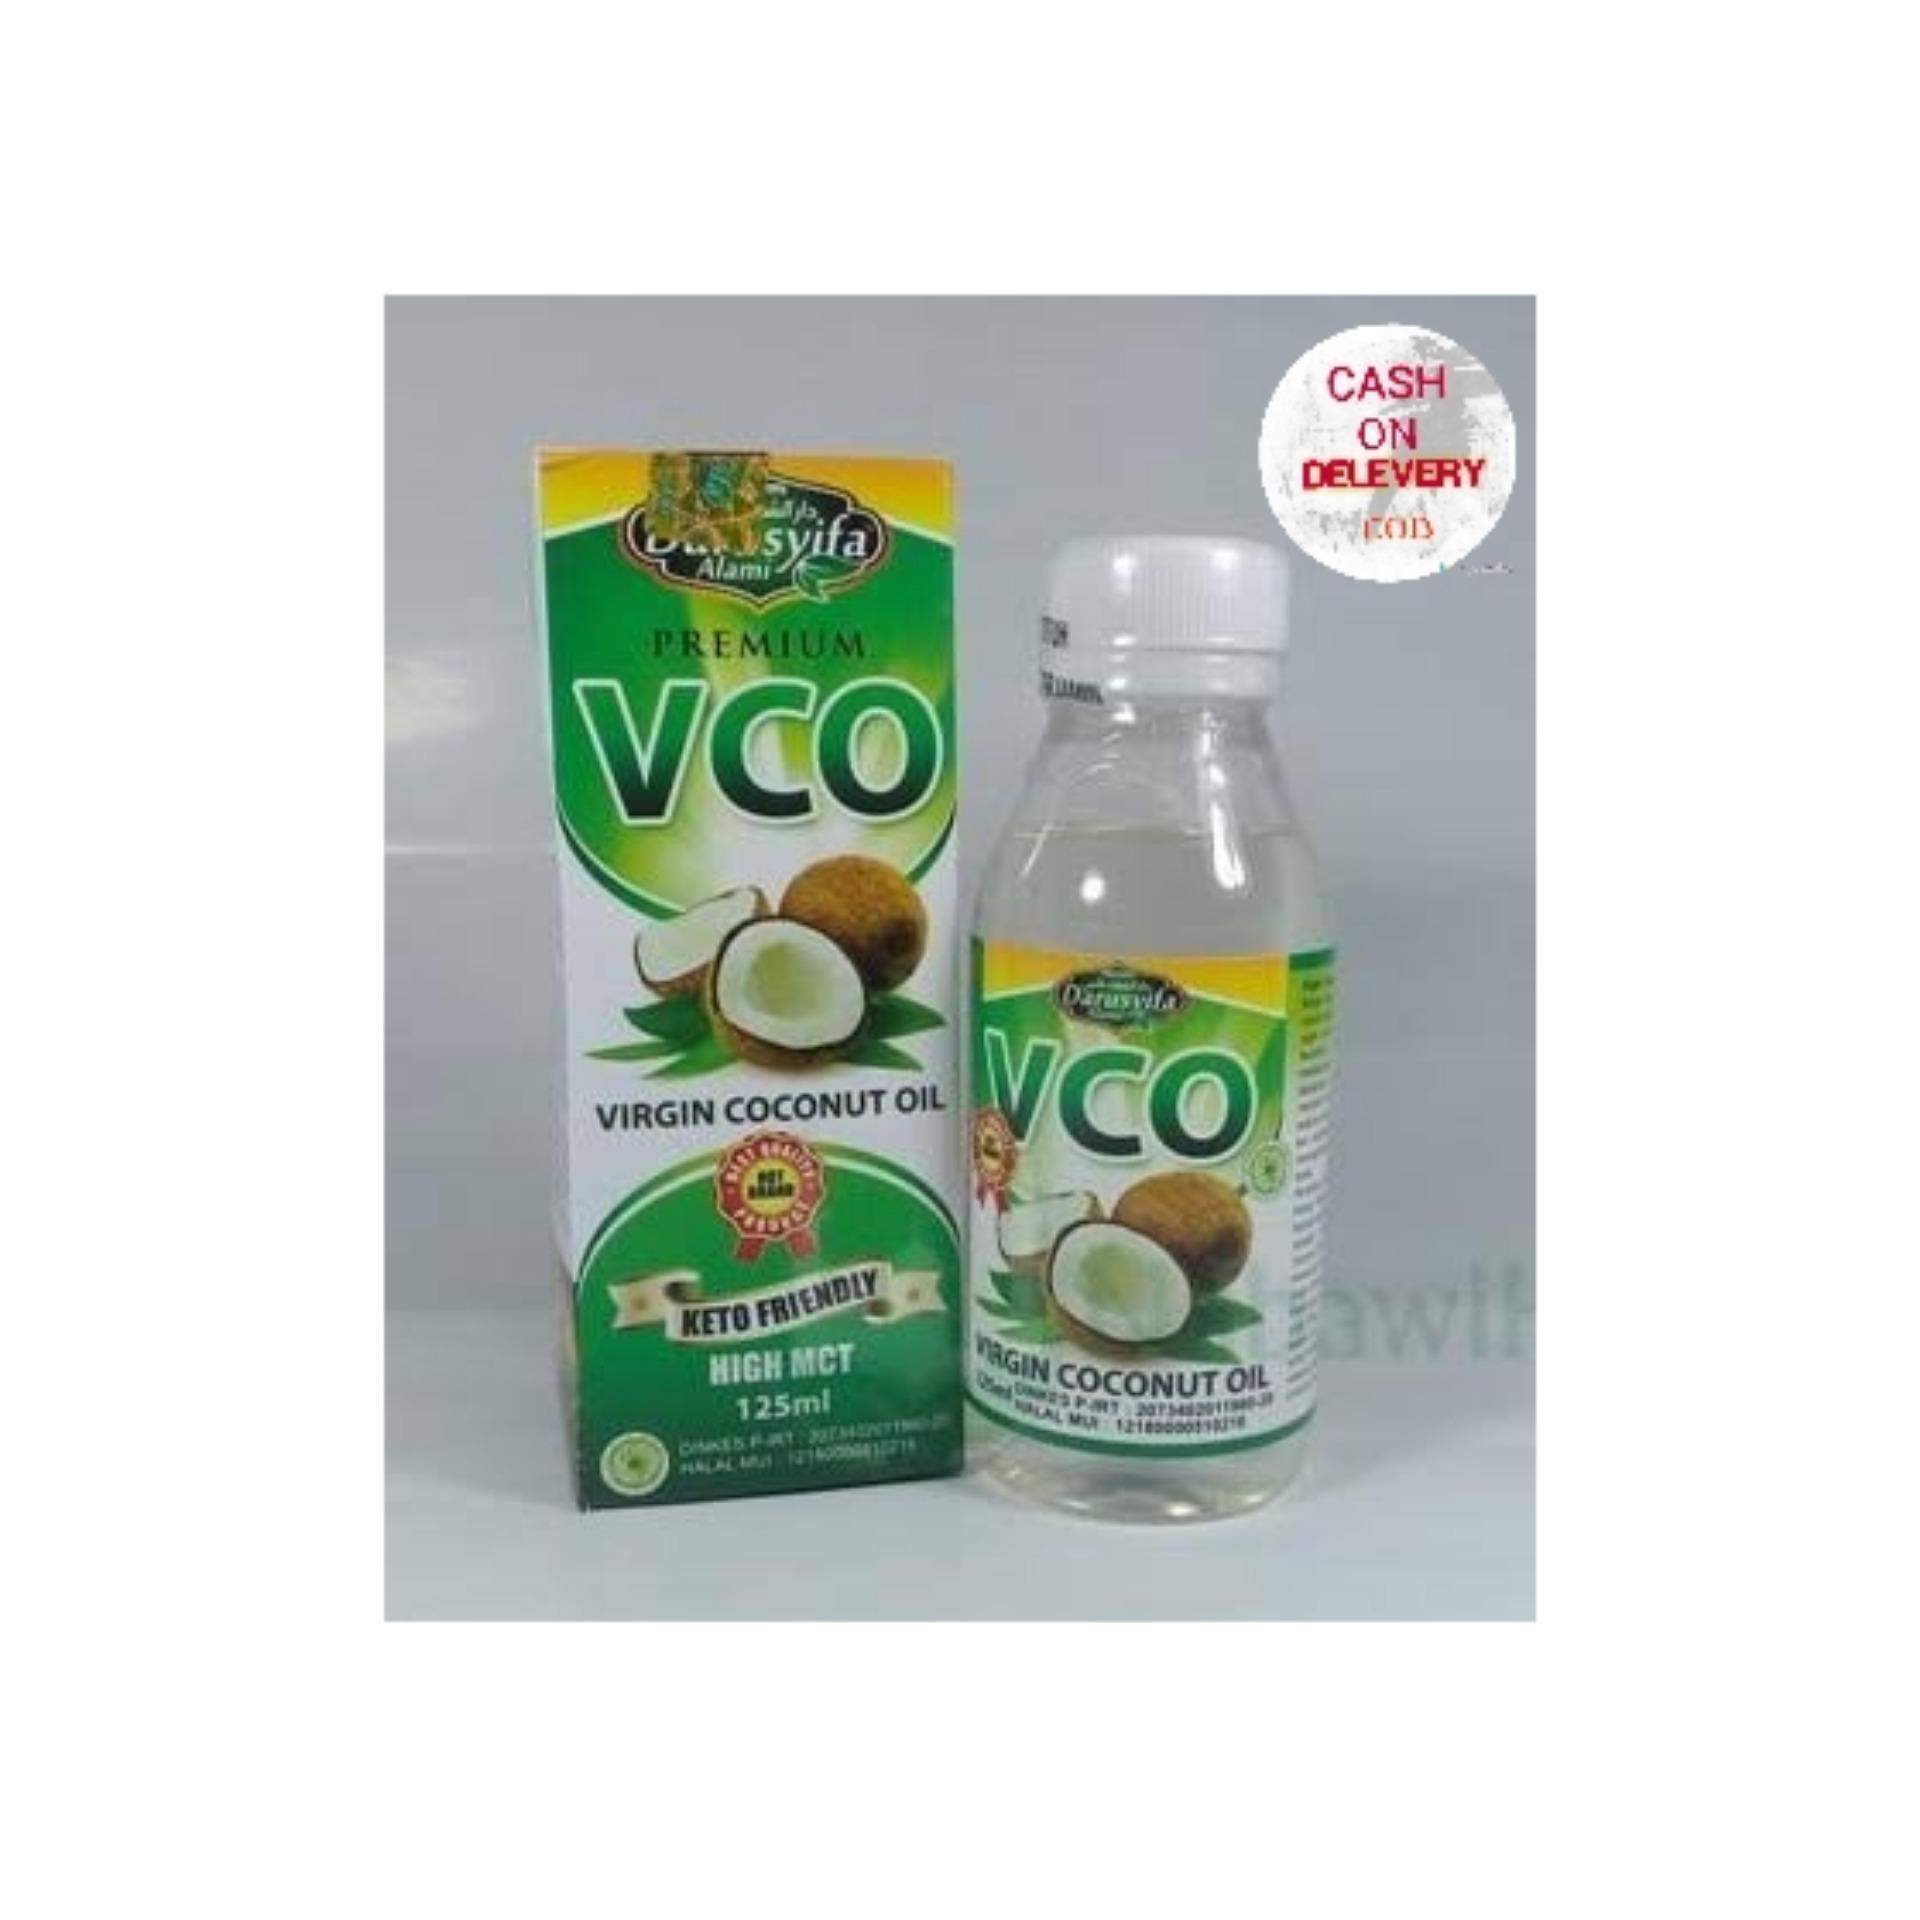 Kelebihan Vco Virgin Coconut Oil Minyak Organik Vico By Bagoes Darusyifa Herbal Diabetes Melitus